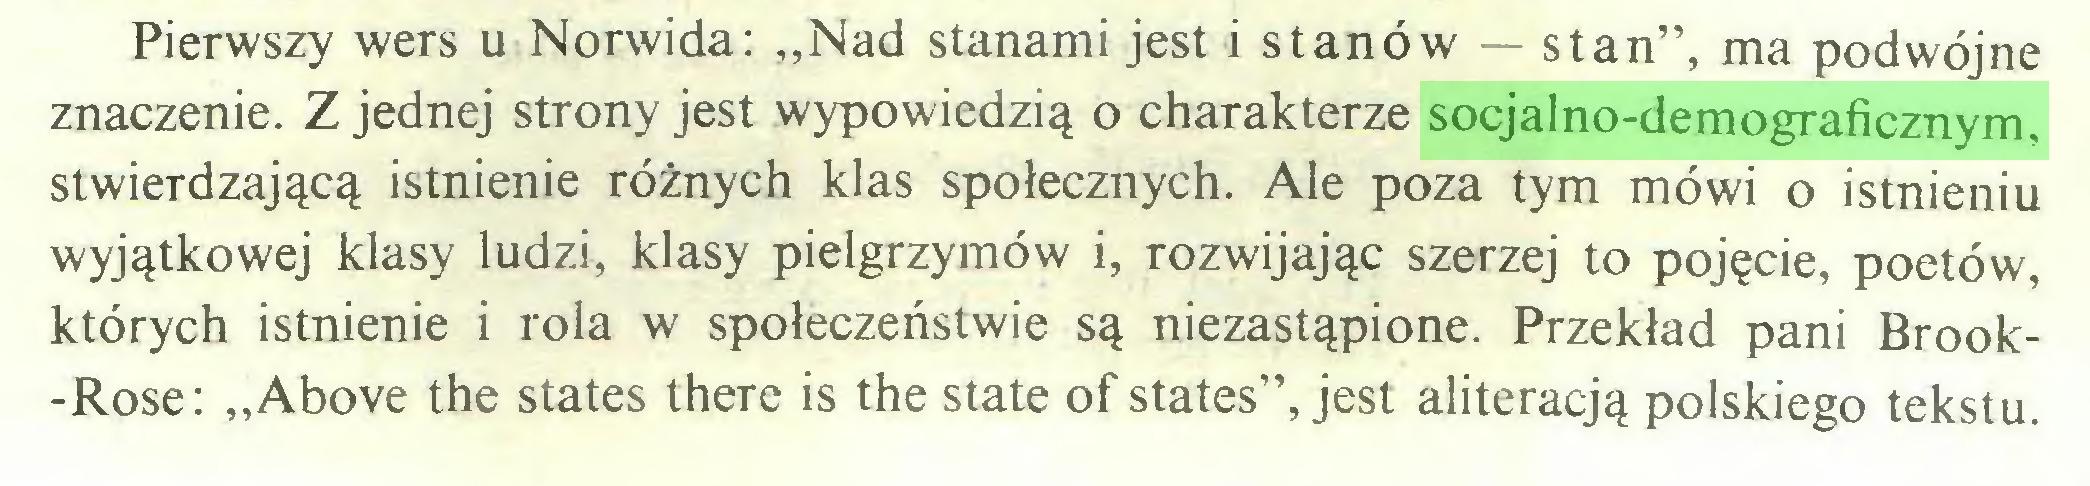 """(...) Pierwszy wers u Norwida: """"Nad stanami jest i stanów — stan"""", ma podwójne znaczenie. Z jednej strony jest wypowiedzią o charakterze socjalno-demograficznym, stwierdzającą istnienie różnych klas społecznych. Ale poza tym mówi o istnieniu wyjątkowej klasy ludzi, klasy pielgrzymów i, rozwijając szerzej to pojęcie, poetów, których istnienie i rola w społeczeństwie są niezastąpione. Przekład pani Brook-Rose: """"Above the States there is the State of States"""", jest aliteracją polskiego tekstu..."""